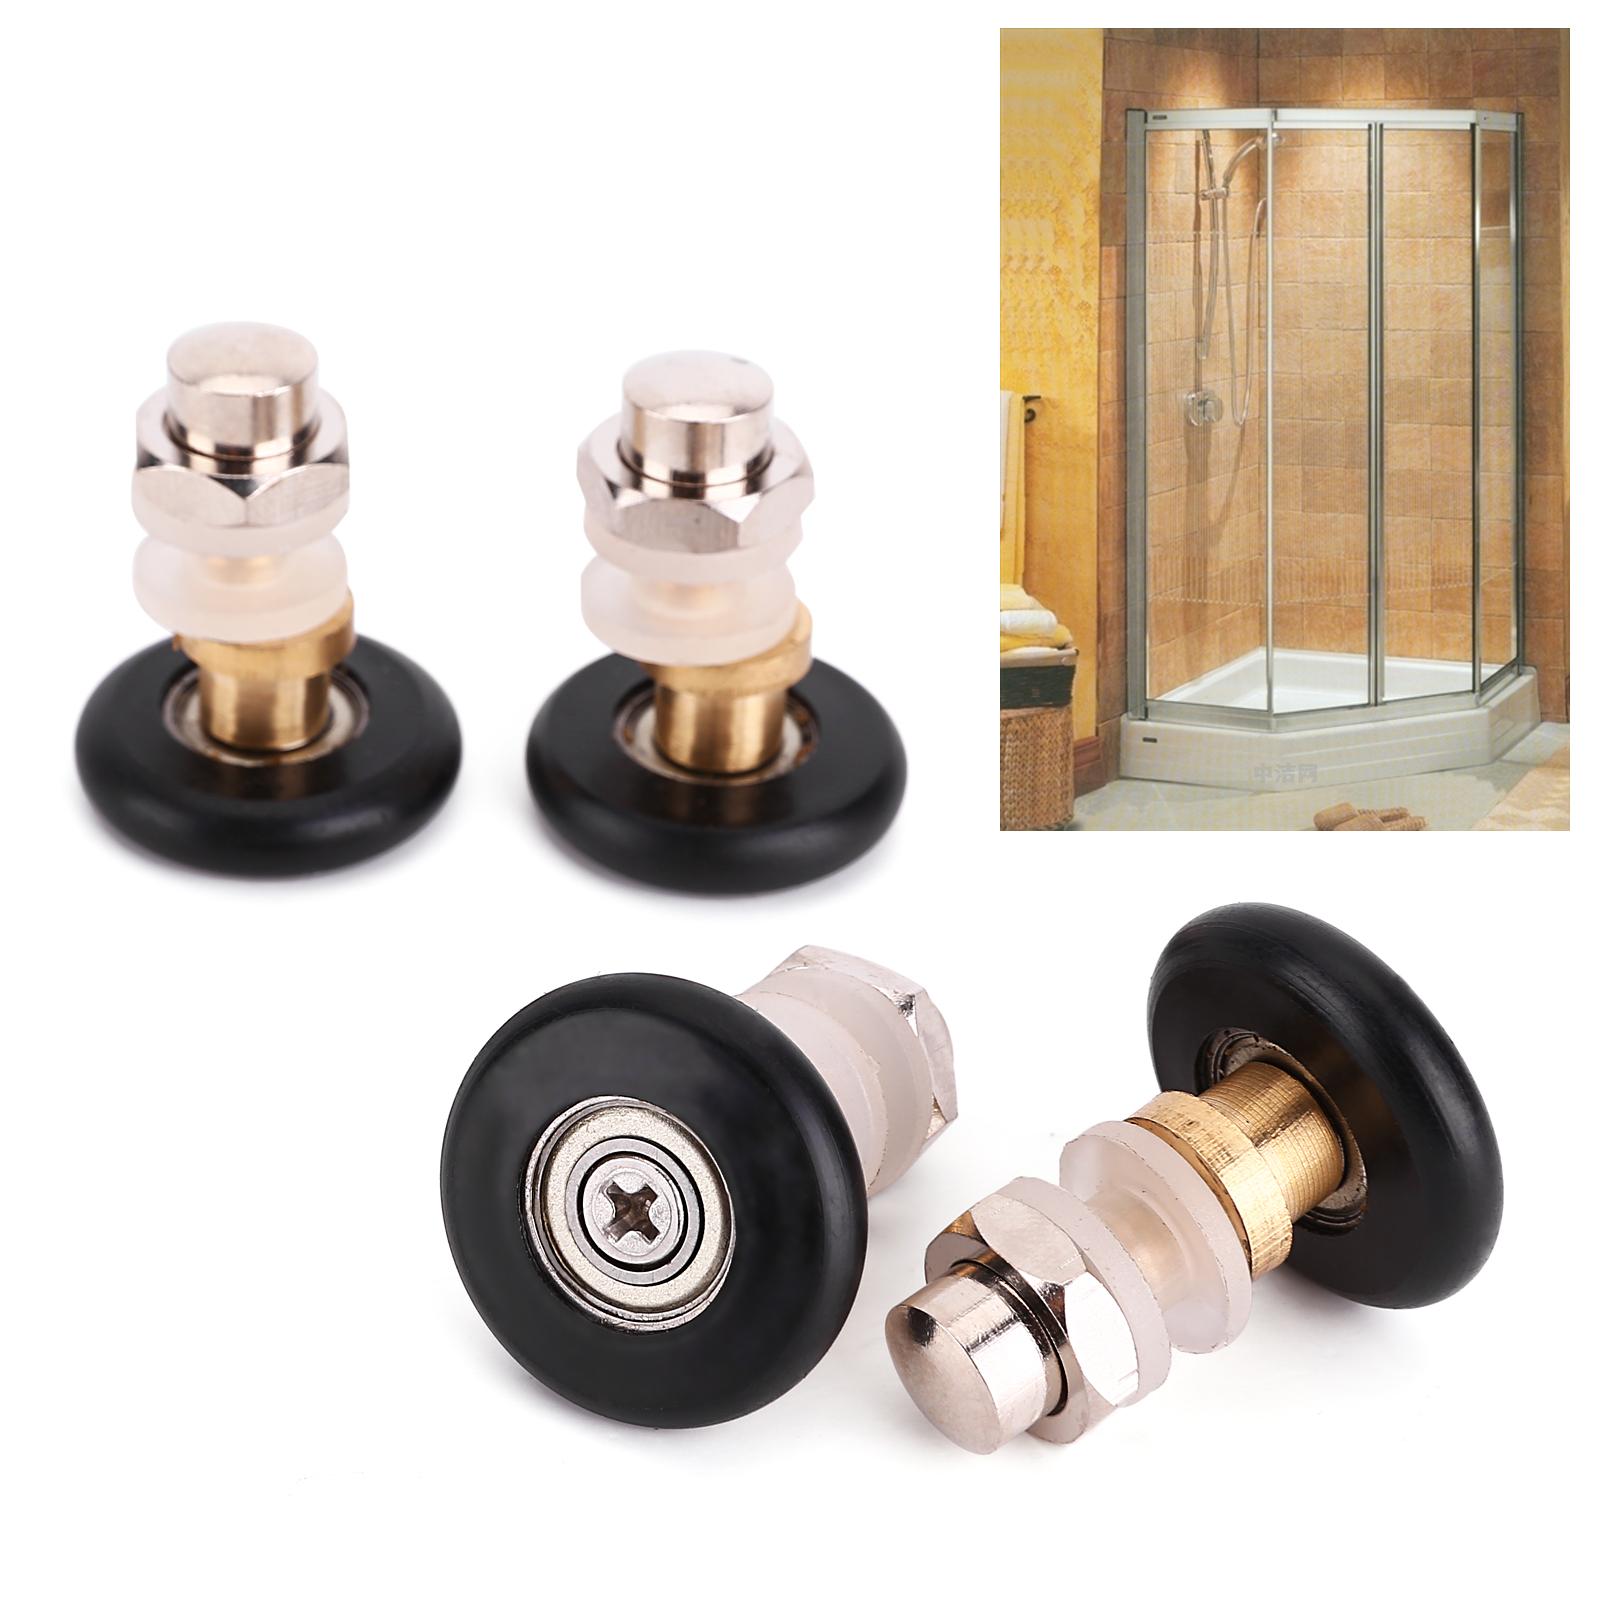 4 einzelne duscht r r der rolle t r rollen 27mm in duschkabine ebay. Black Bedroom Furniture Sets. Home Design Ideas